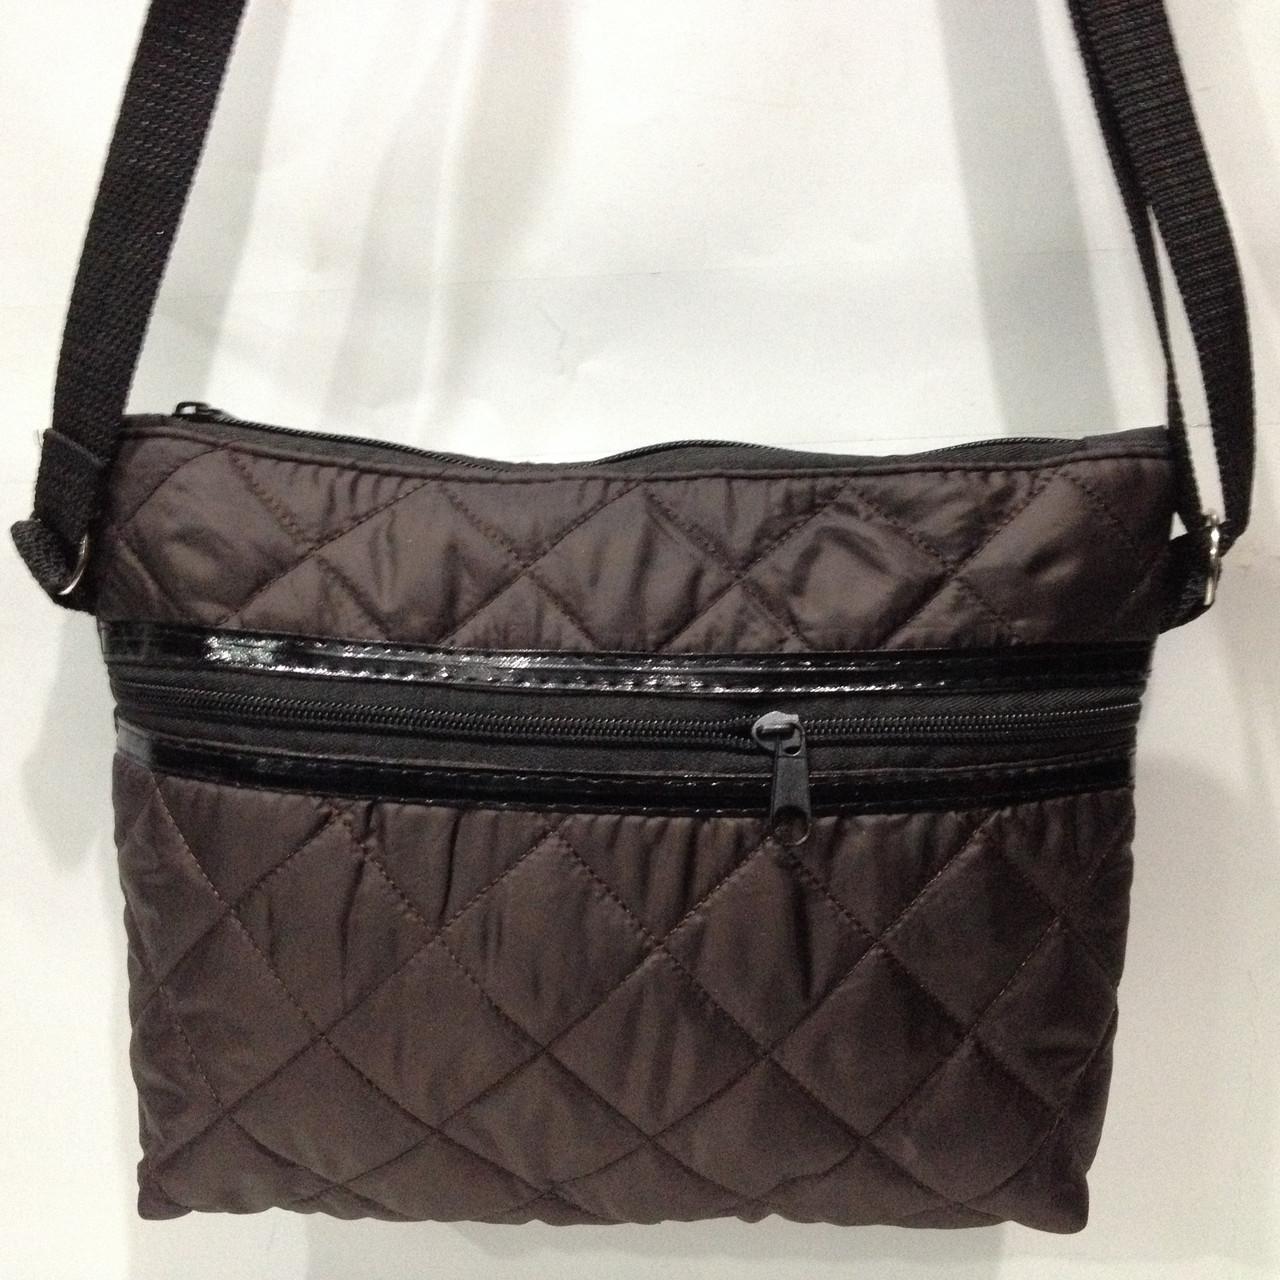 39f1ec787b99 Сумки Стеганые FASHION\\женщины диагональный пакет\\женская синглов сумка  на плечо оптом